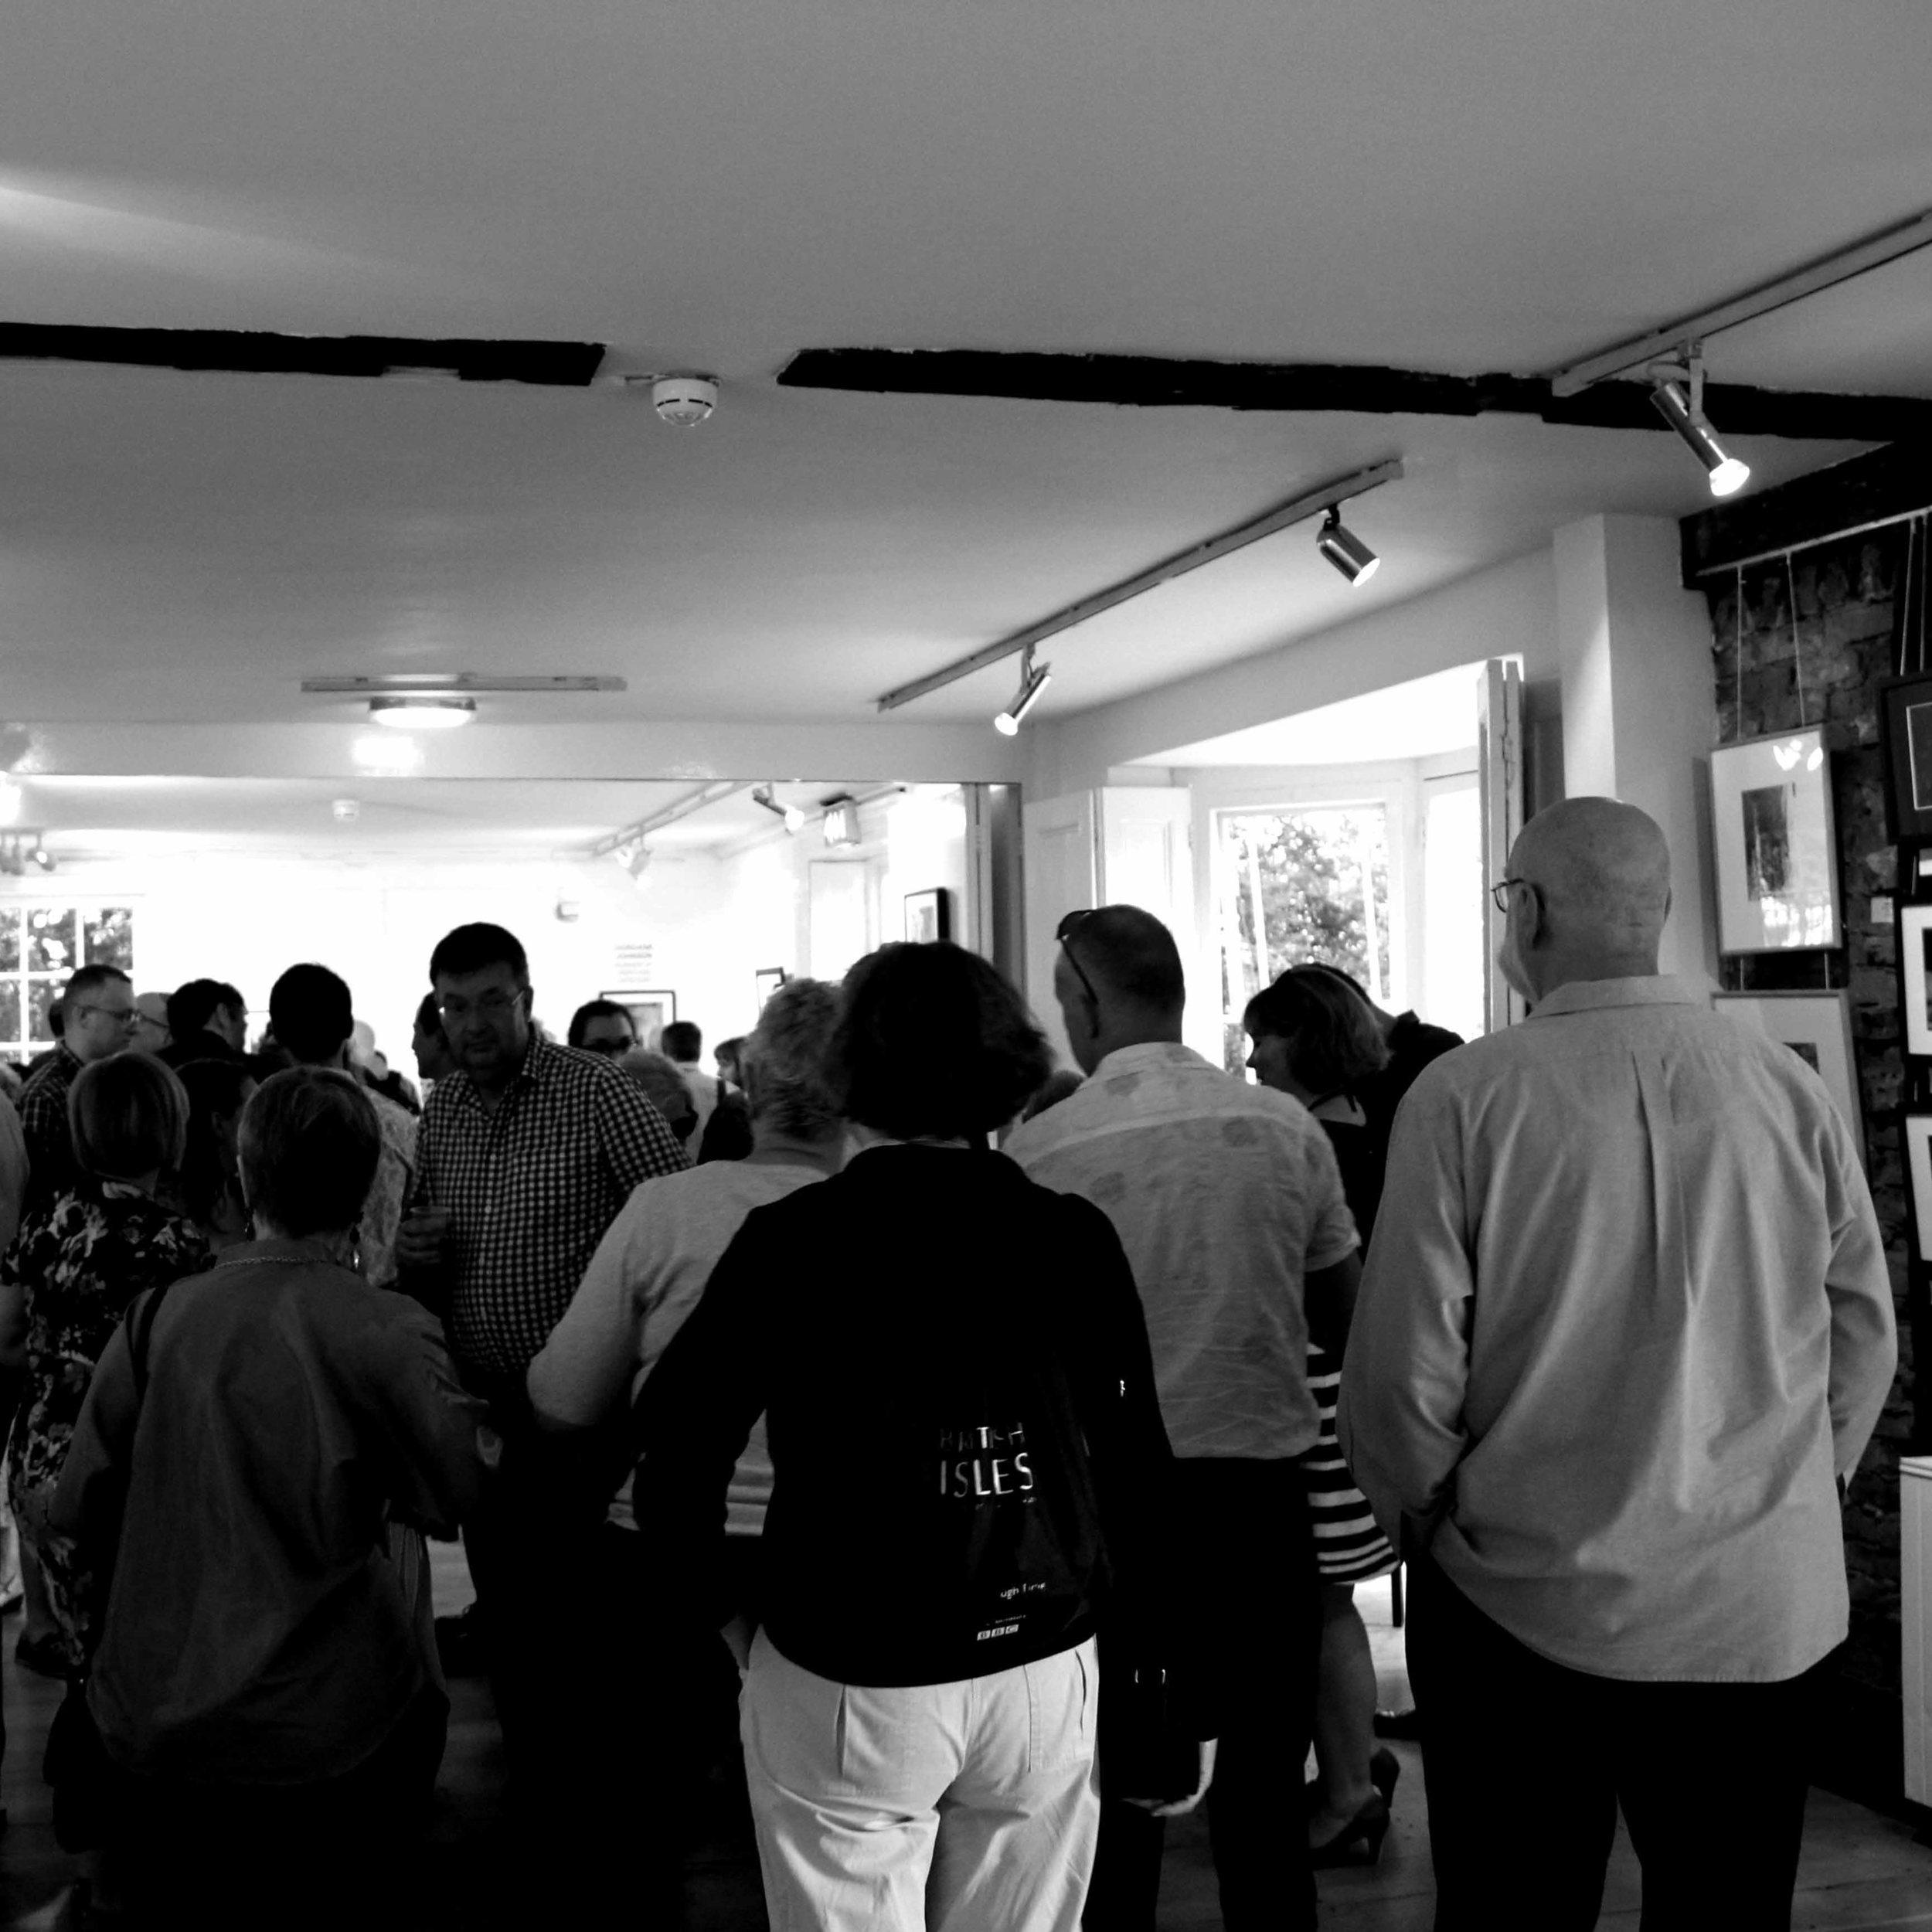 keleloko_Lauderdale house exhibition 2014 private view 03.jpg